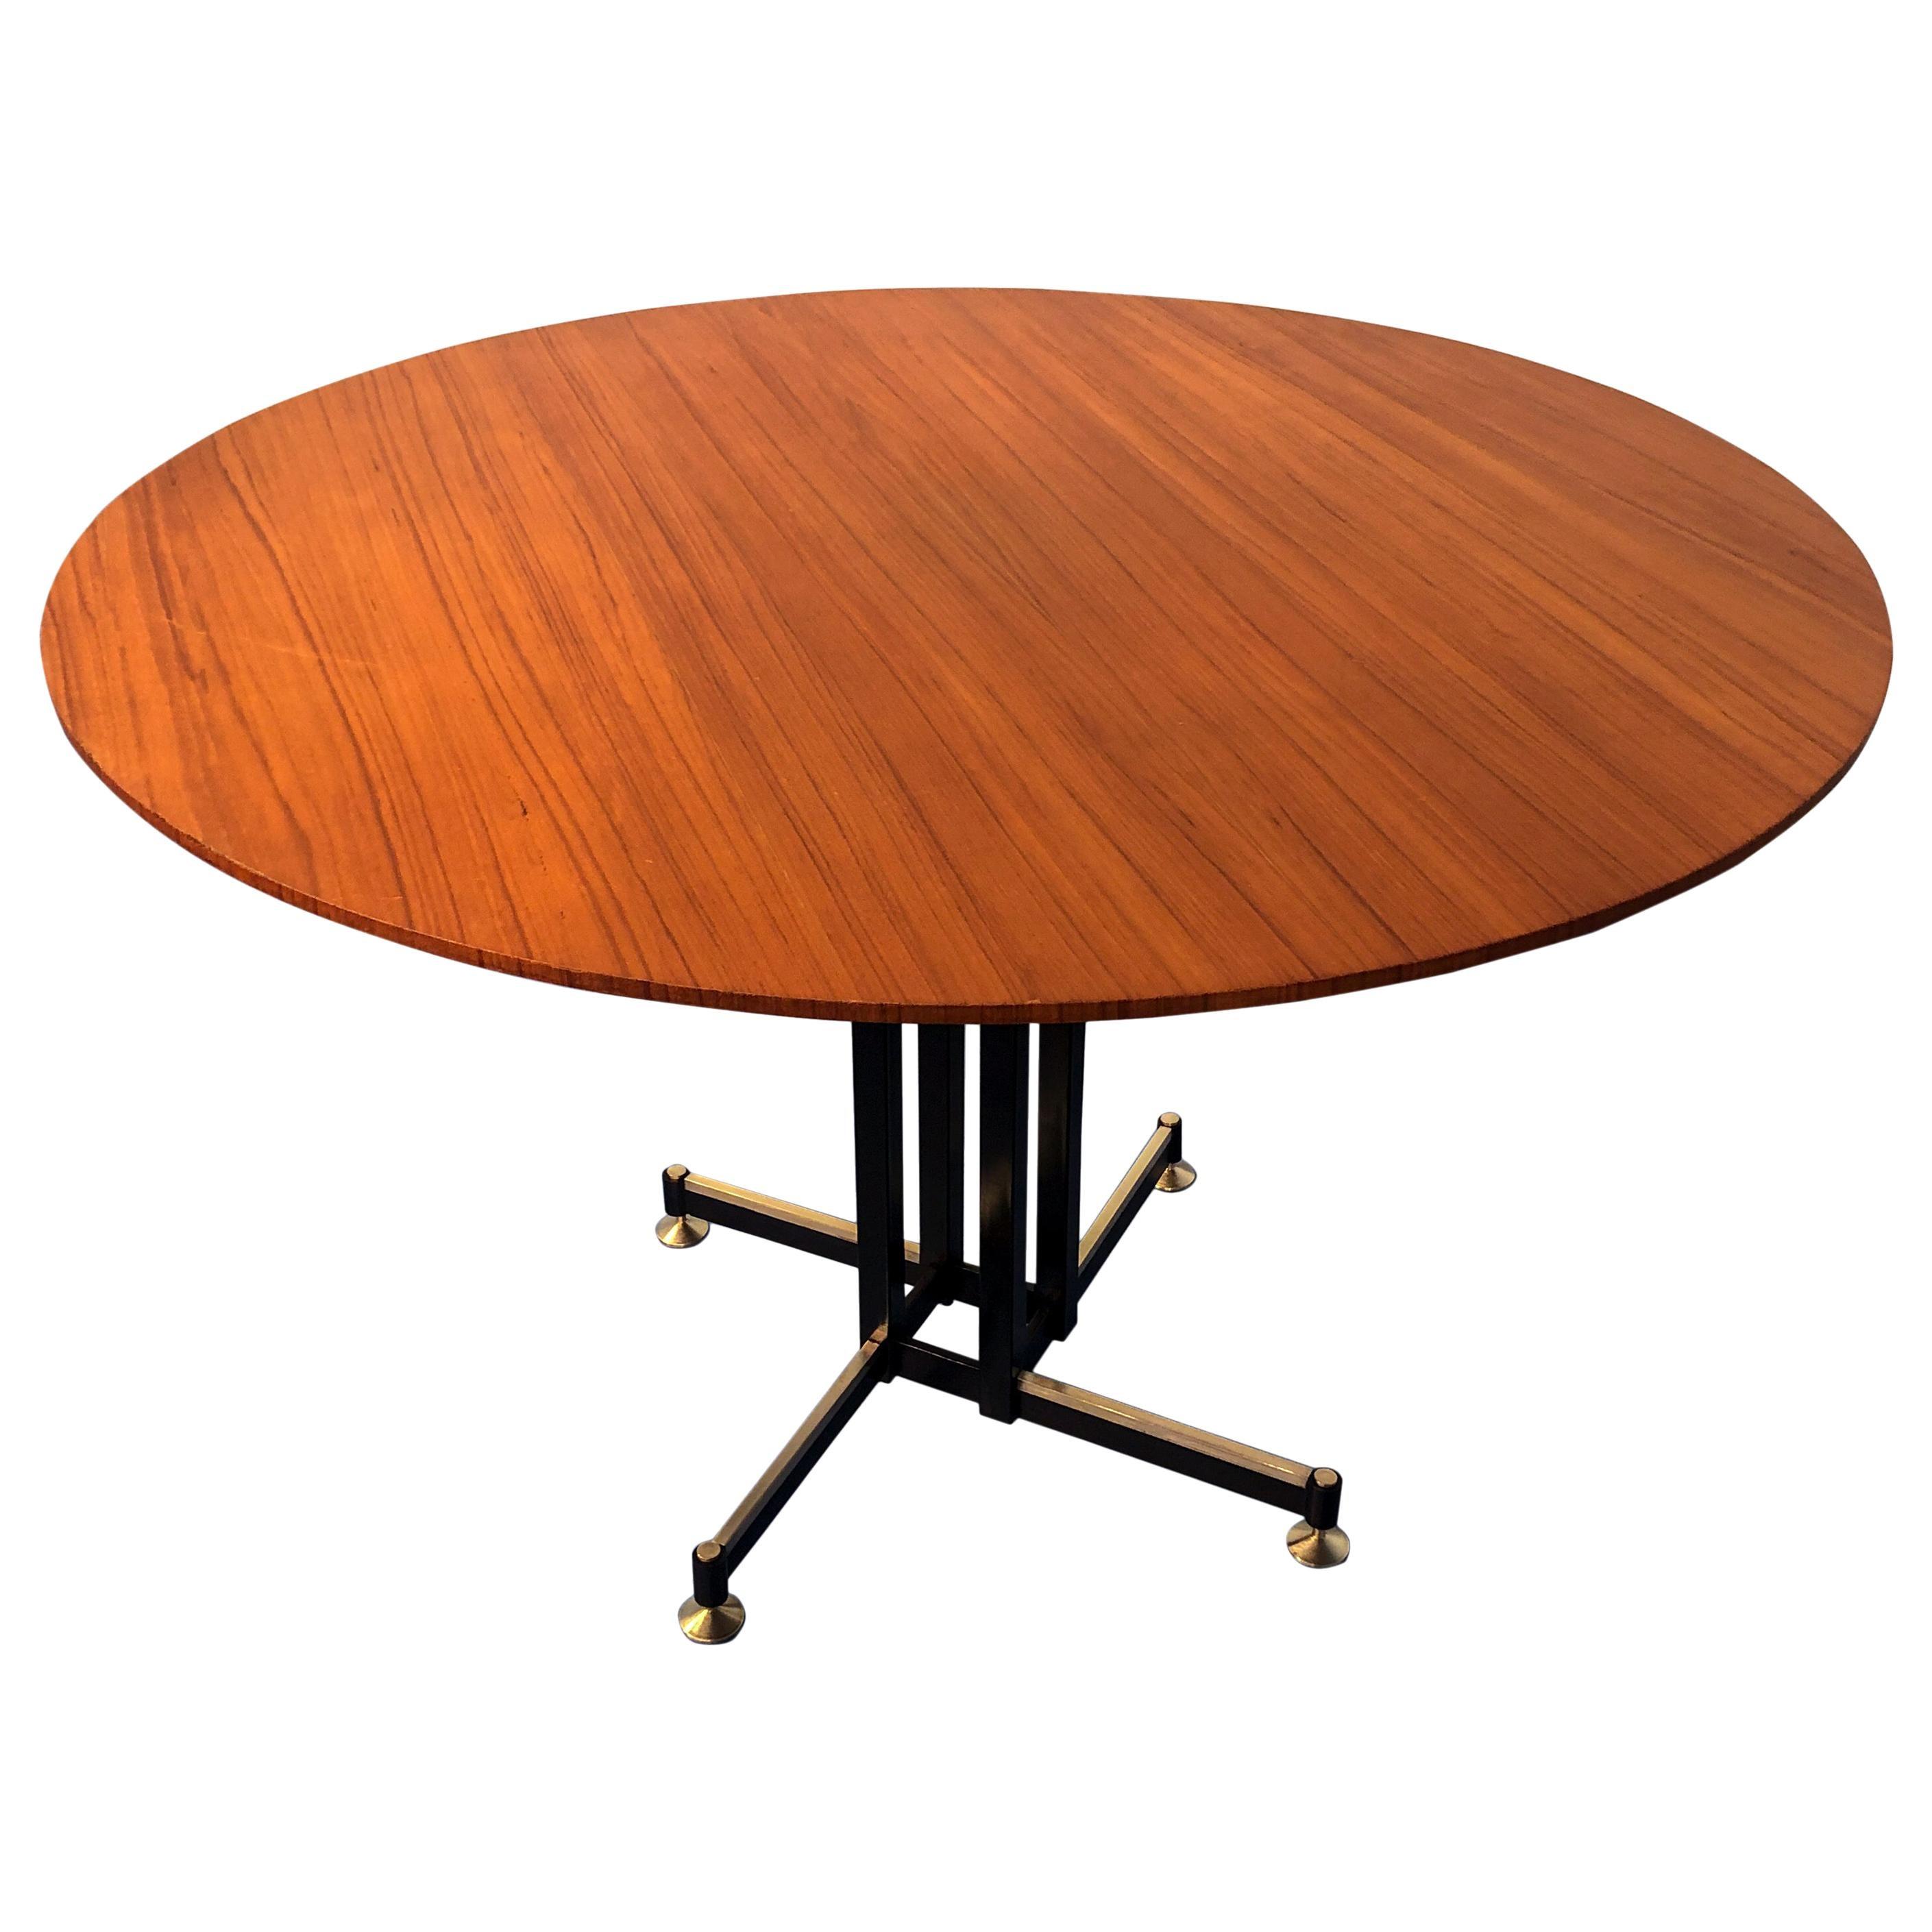 Italian Midcentury Round Teak Dining Table, 1950s